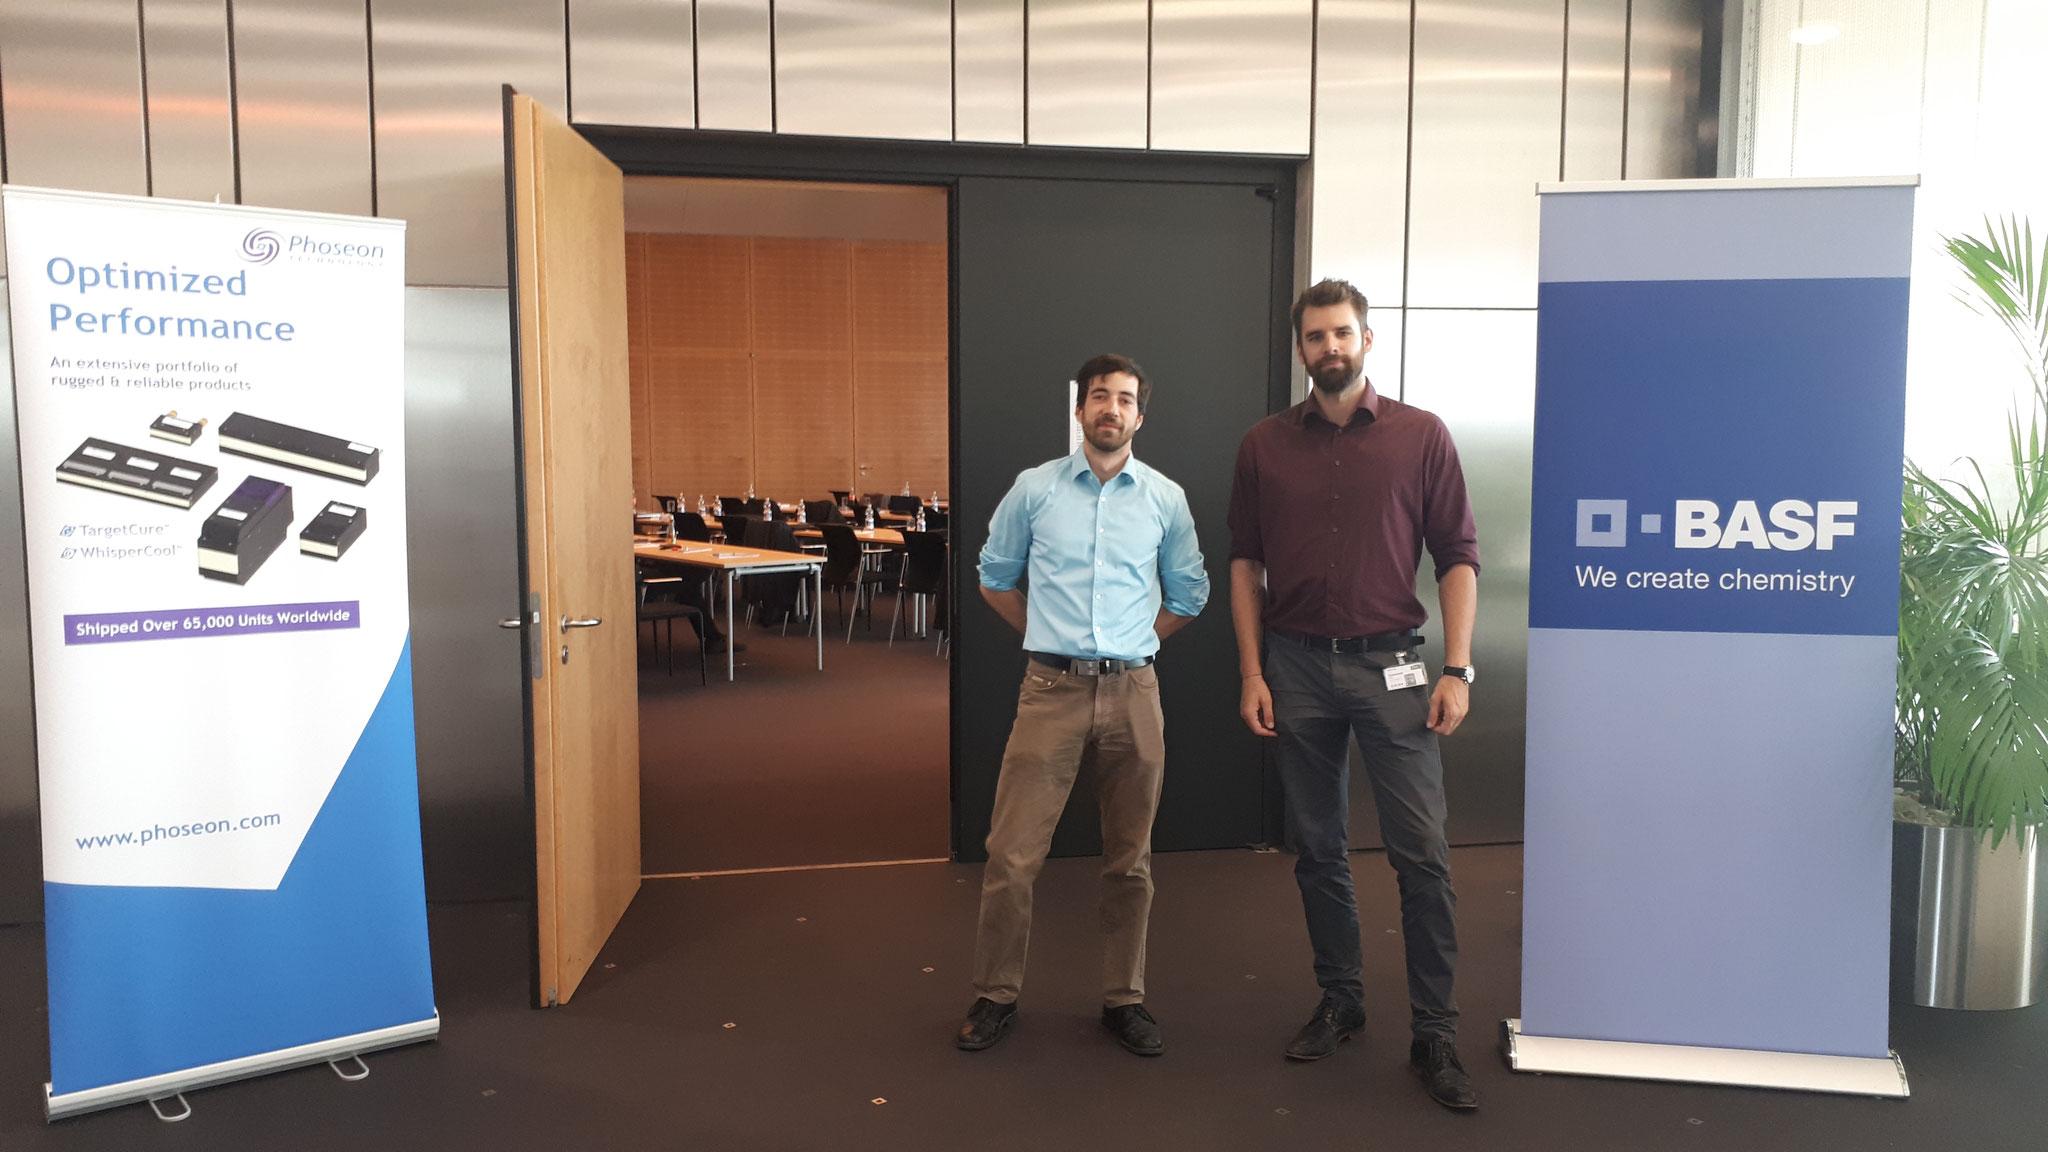 Das TeBeS Team während der BASF LED Technologie Konferenz in Ludwigshafen, 2018